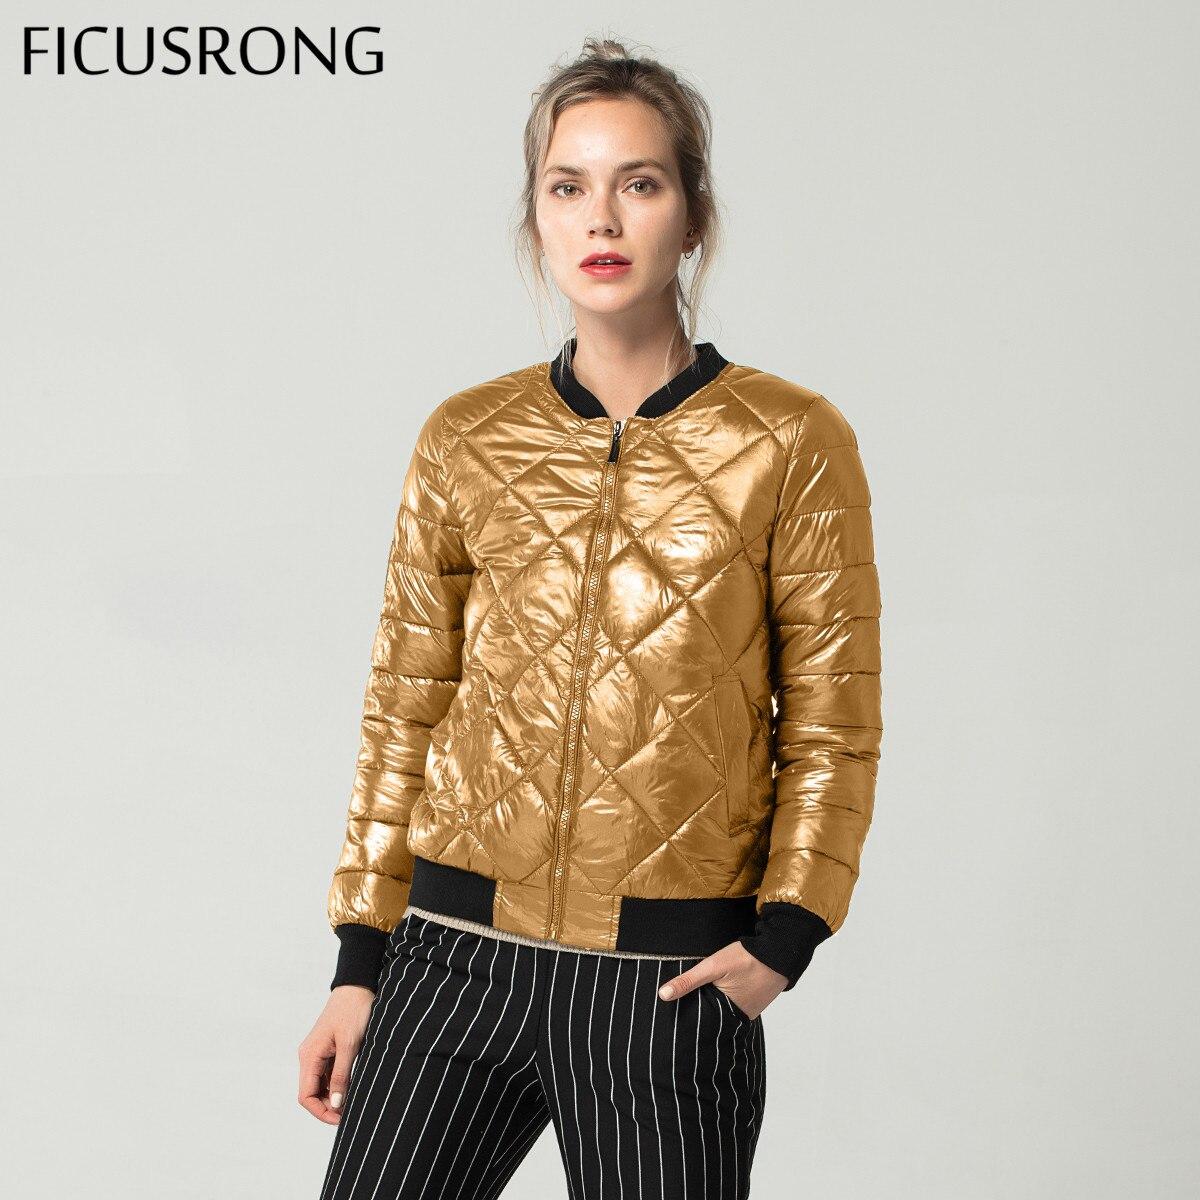 Fashion Autumn Winter   Jacket   Women Cotton Padded   Jacket   Girls Slim Female   Basic     Jacket   Coat Outwear Warm Tops FICUSRONG 2018 New